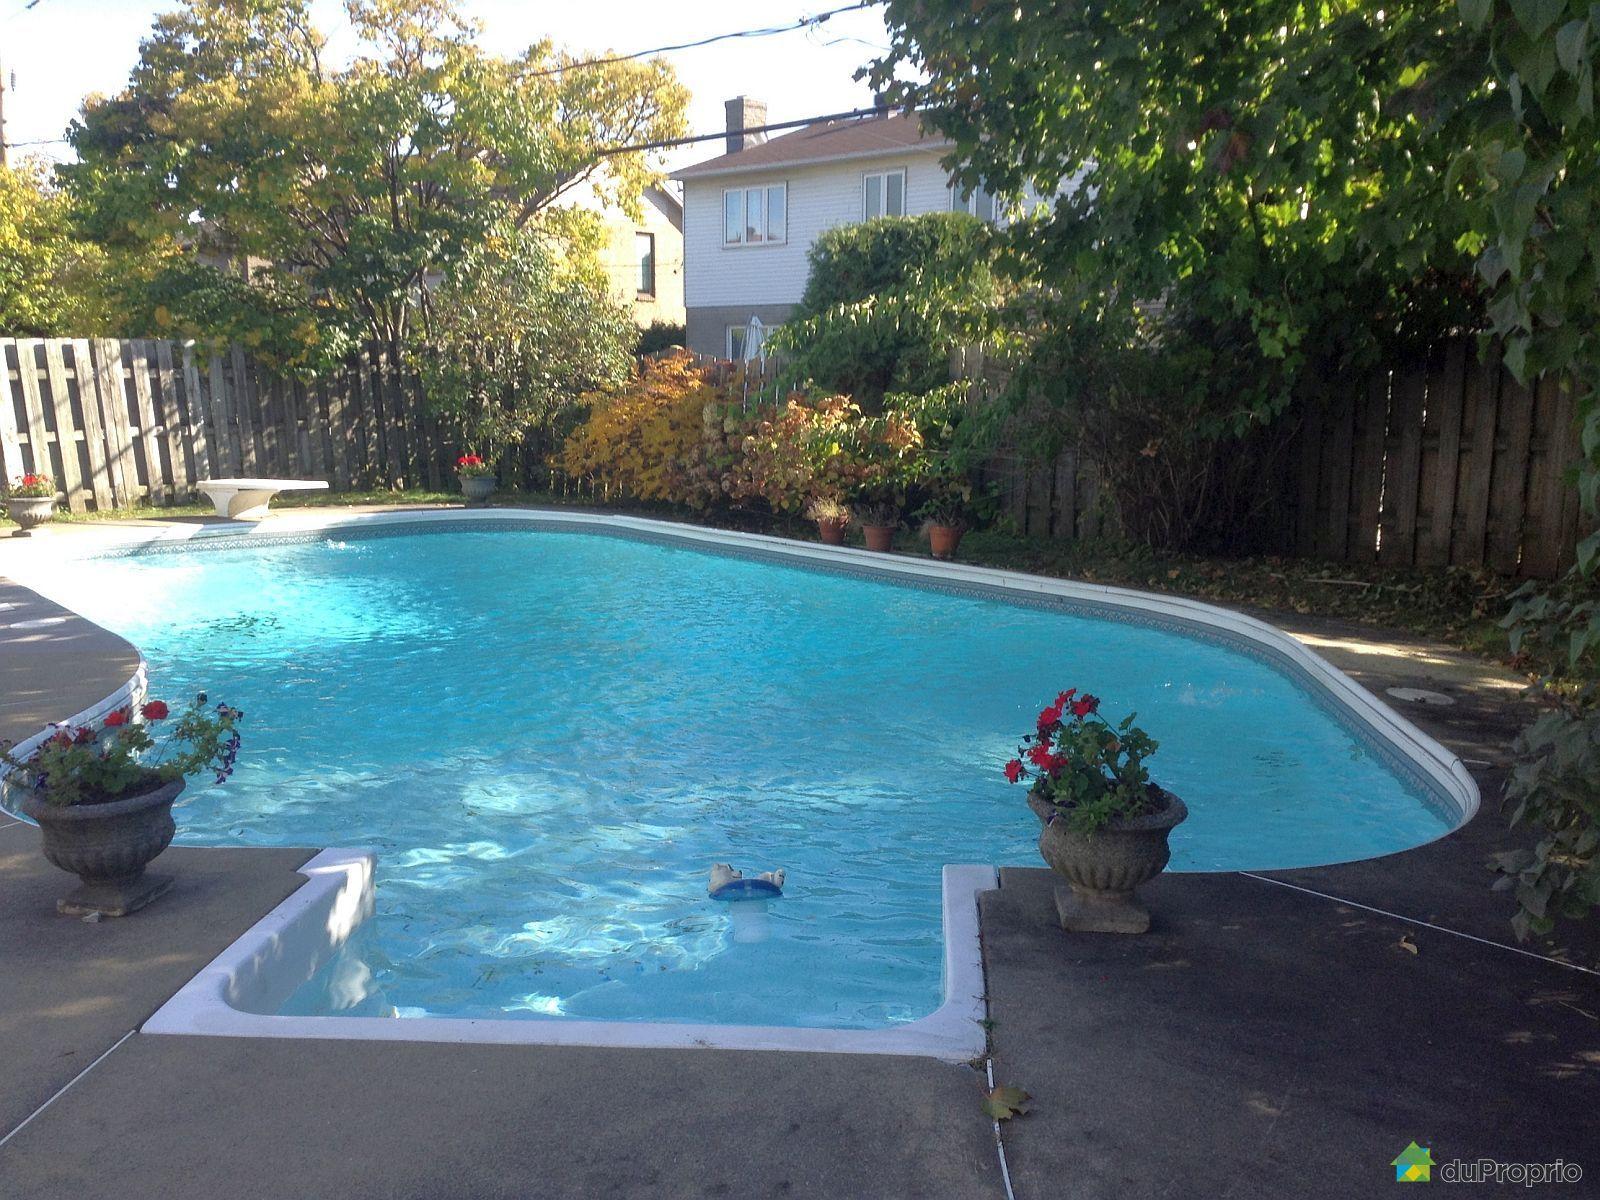 Maison vendre brossard 8680 boulevard rivard for Brossard piscine